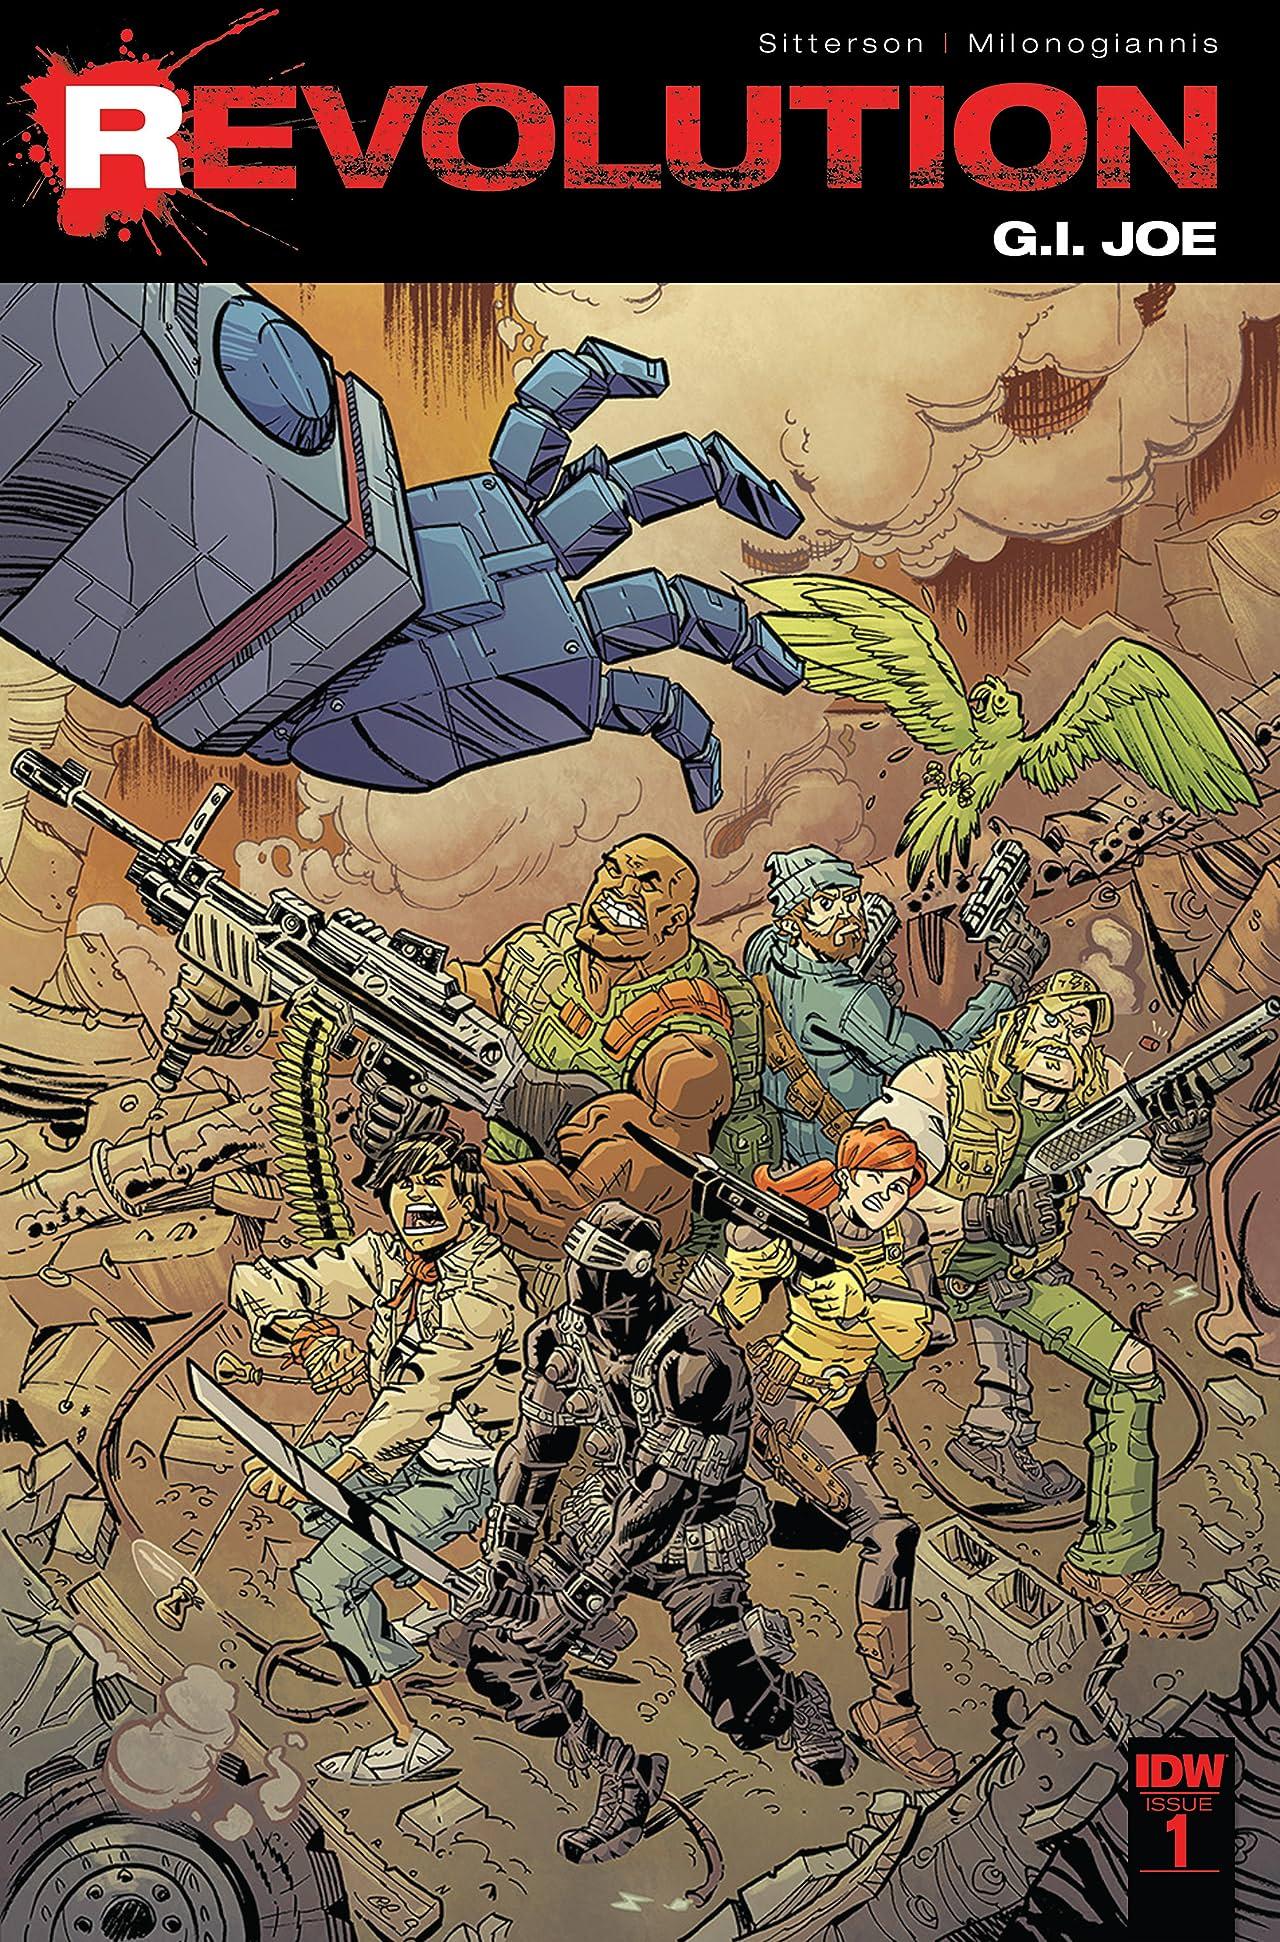 G.I. Joe: Revolution #1